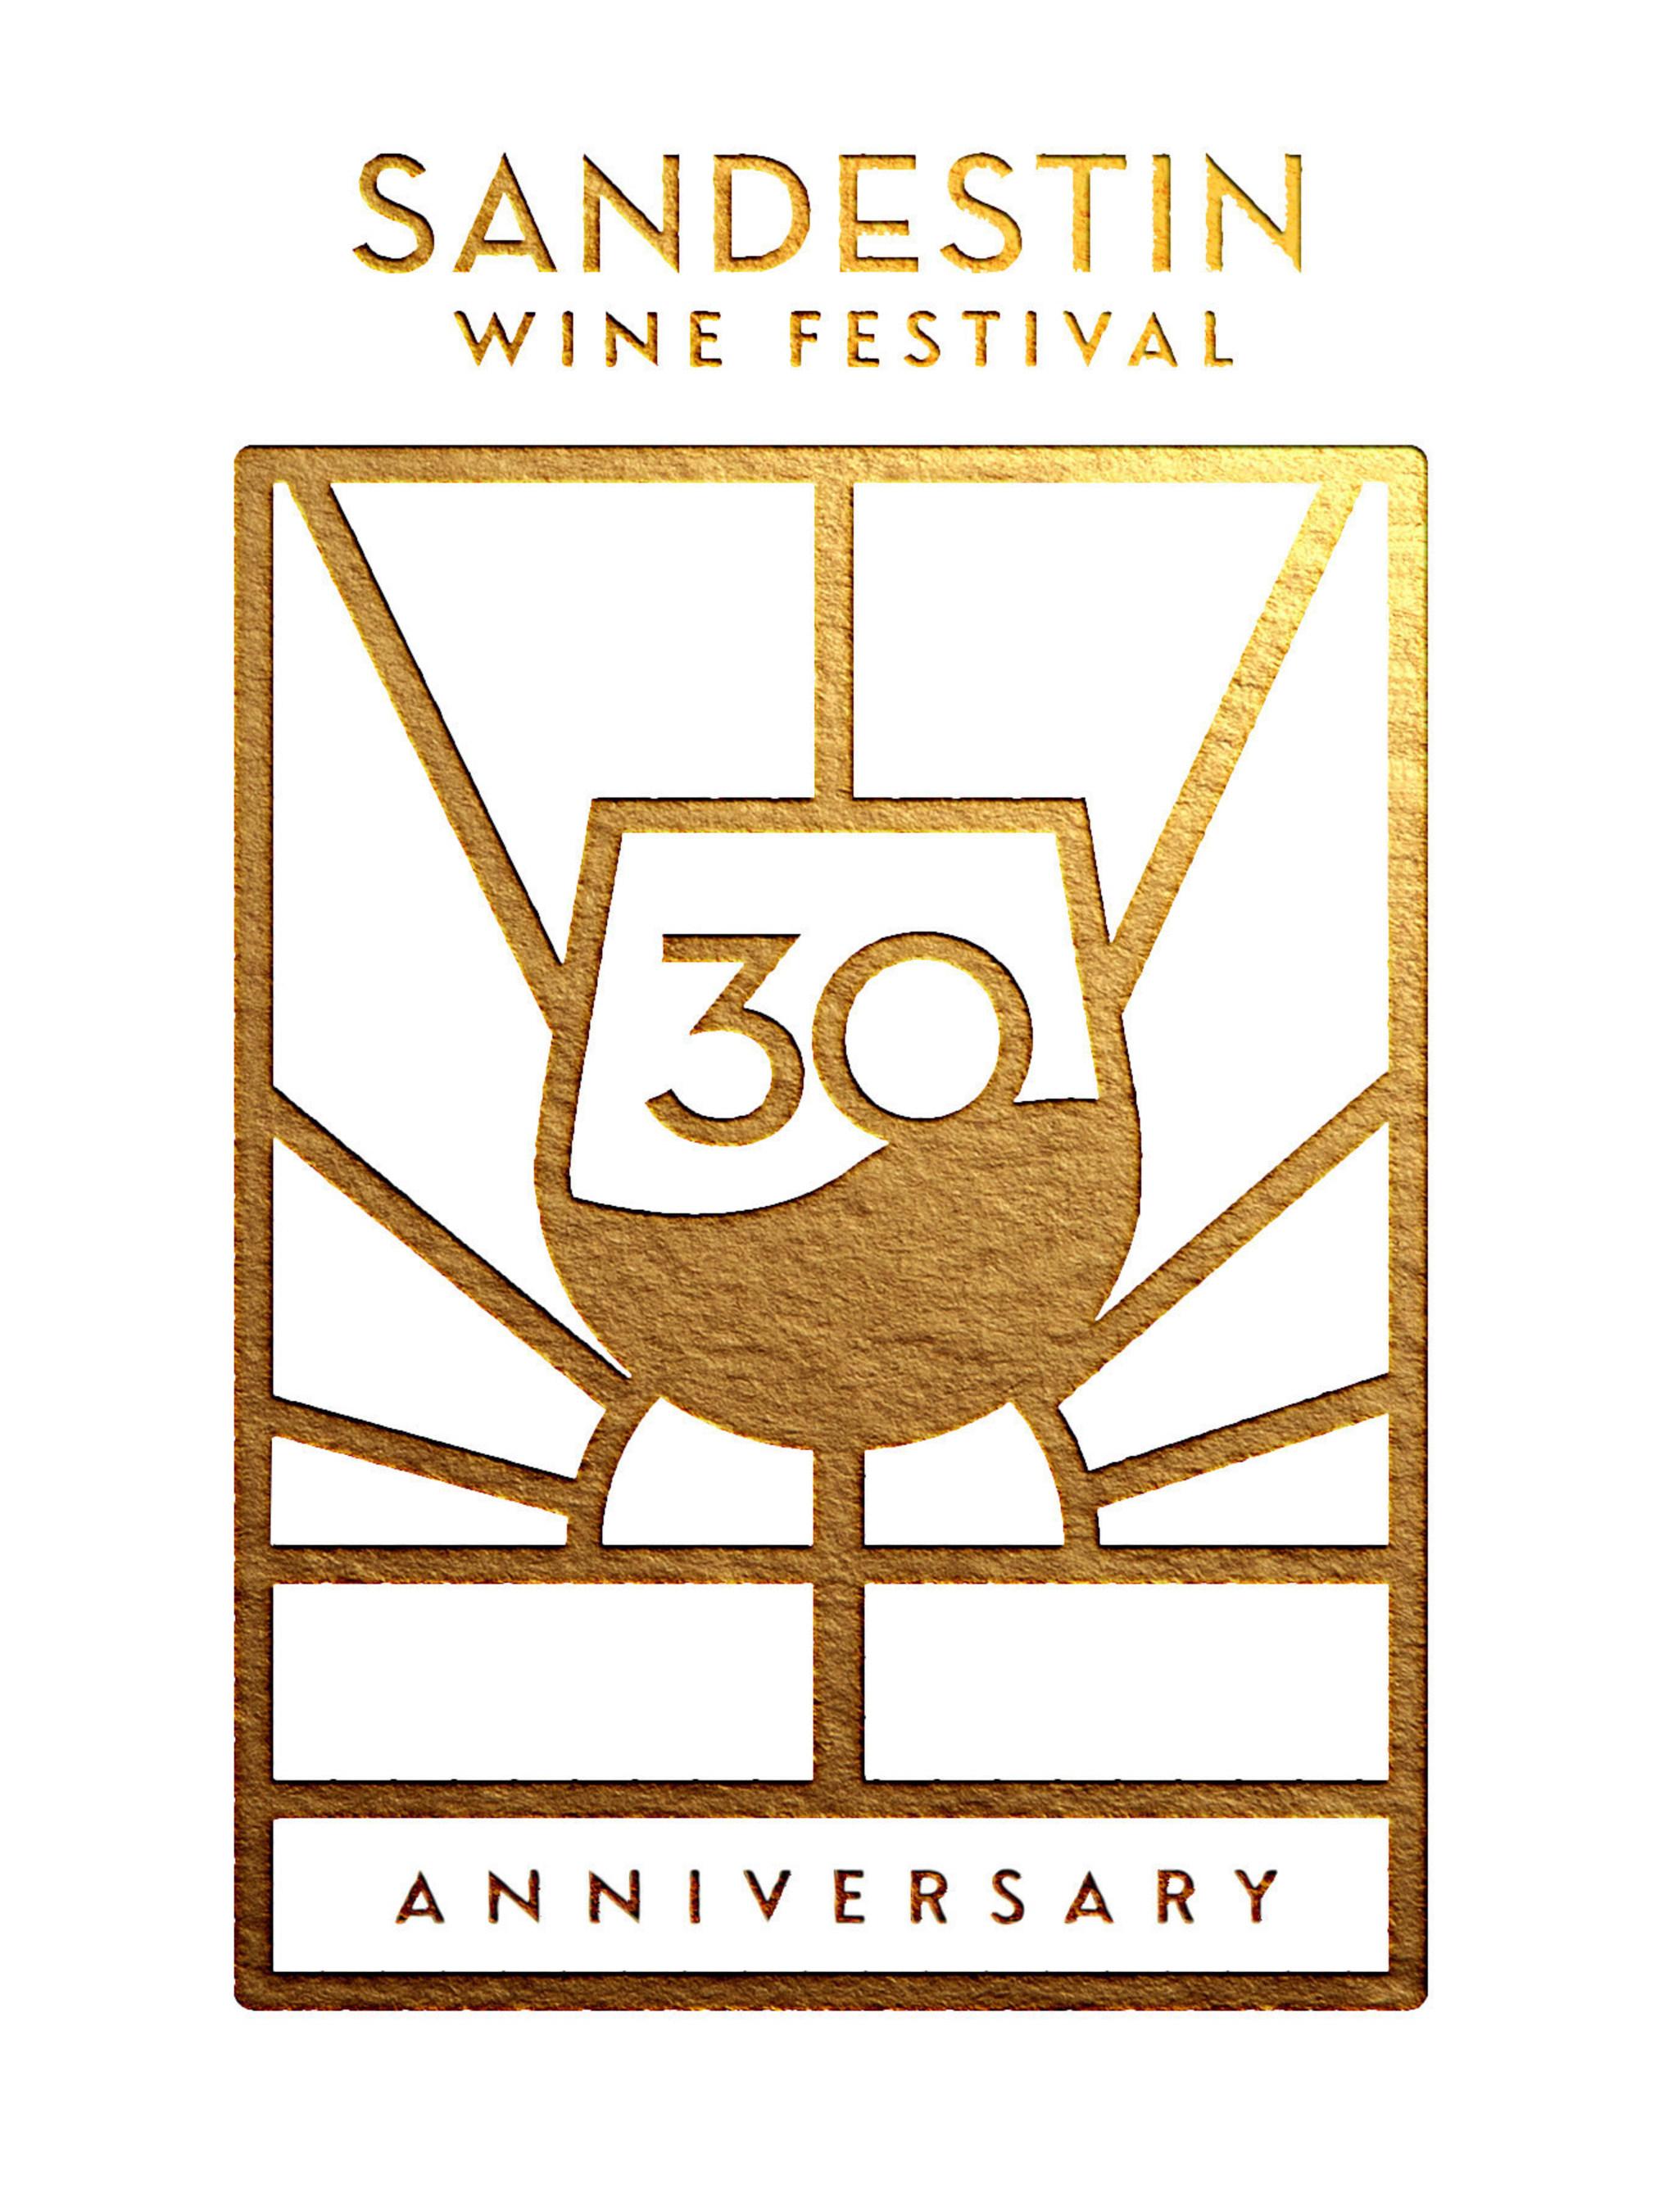 Uncork Fun in the Sun at the 30th Annual Sandestin Wine Festival